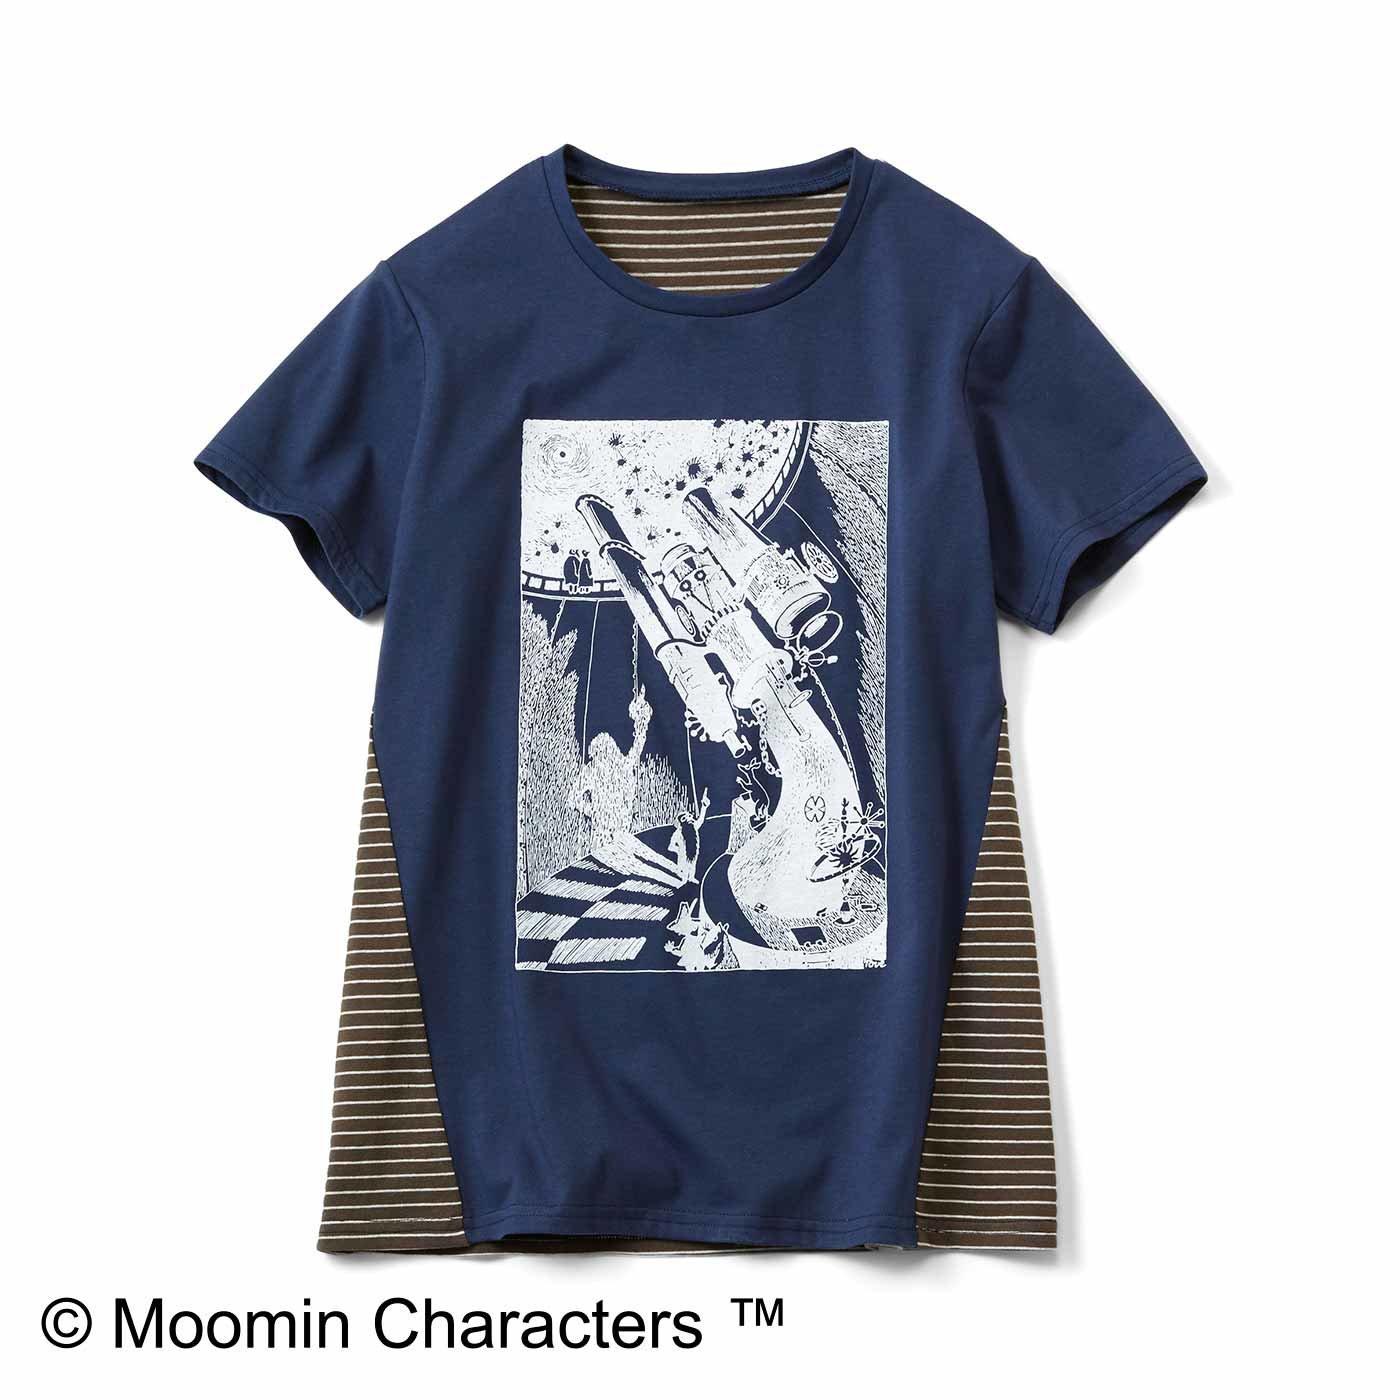 ムーミンと仲間たち 吸水速乾のうしろボーダーTシャツ〈天体観測〉